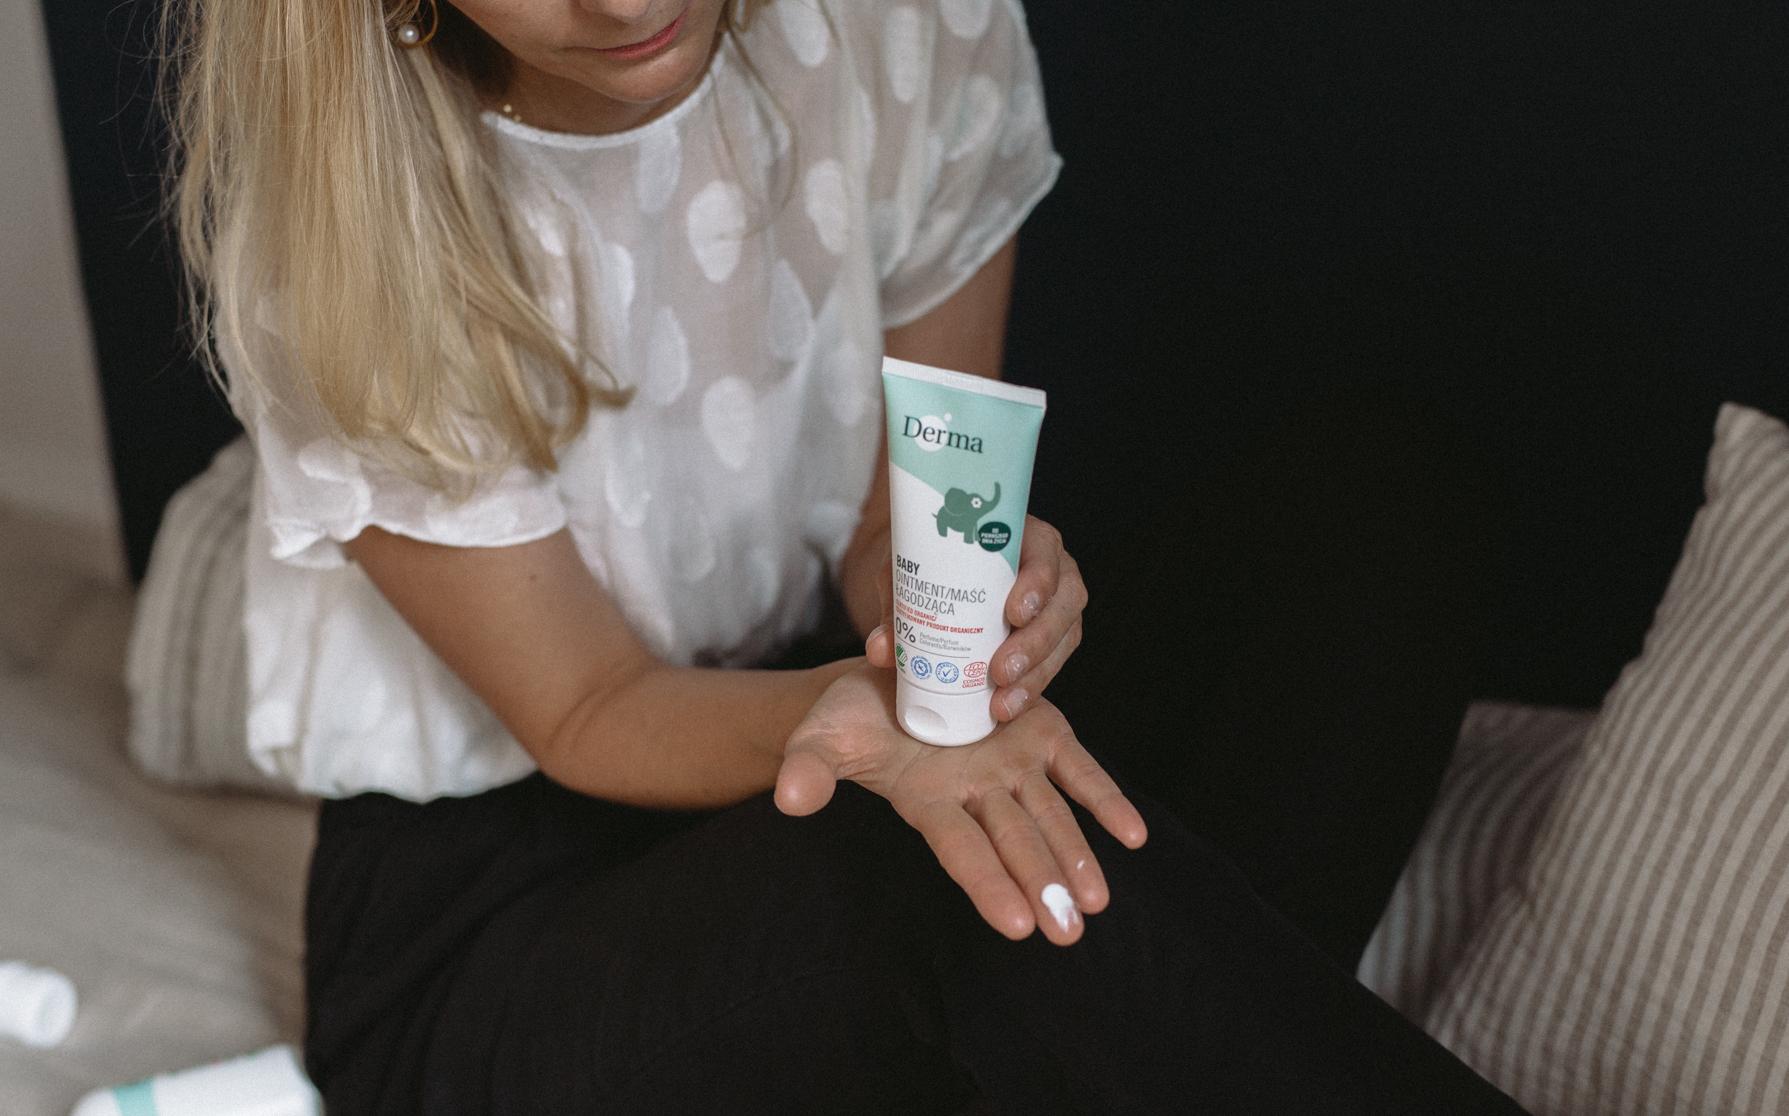 maść łagodząca nabuźkę wchłodne dni, Derma, naturalne kosmetyki